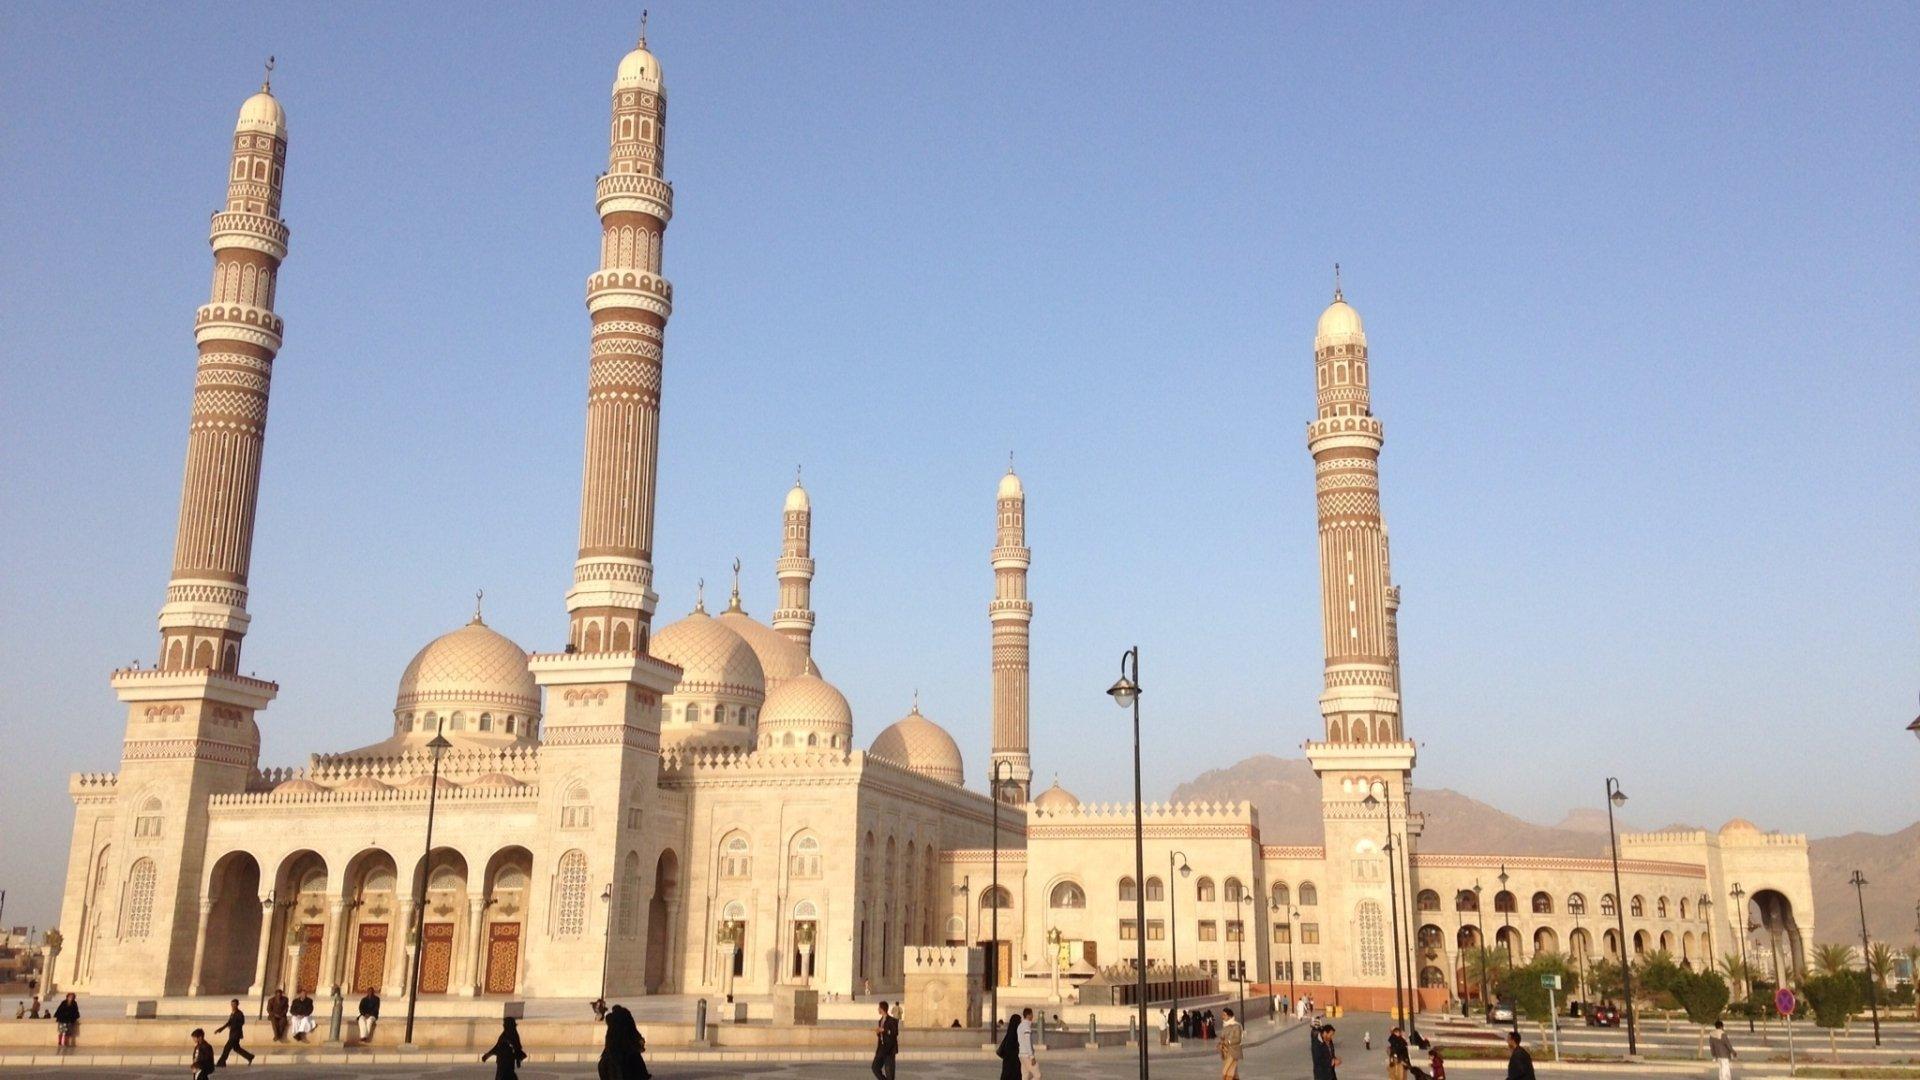 Images of Al Saleh Mosque | 1920x1080